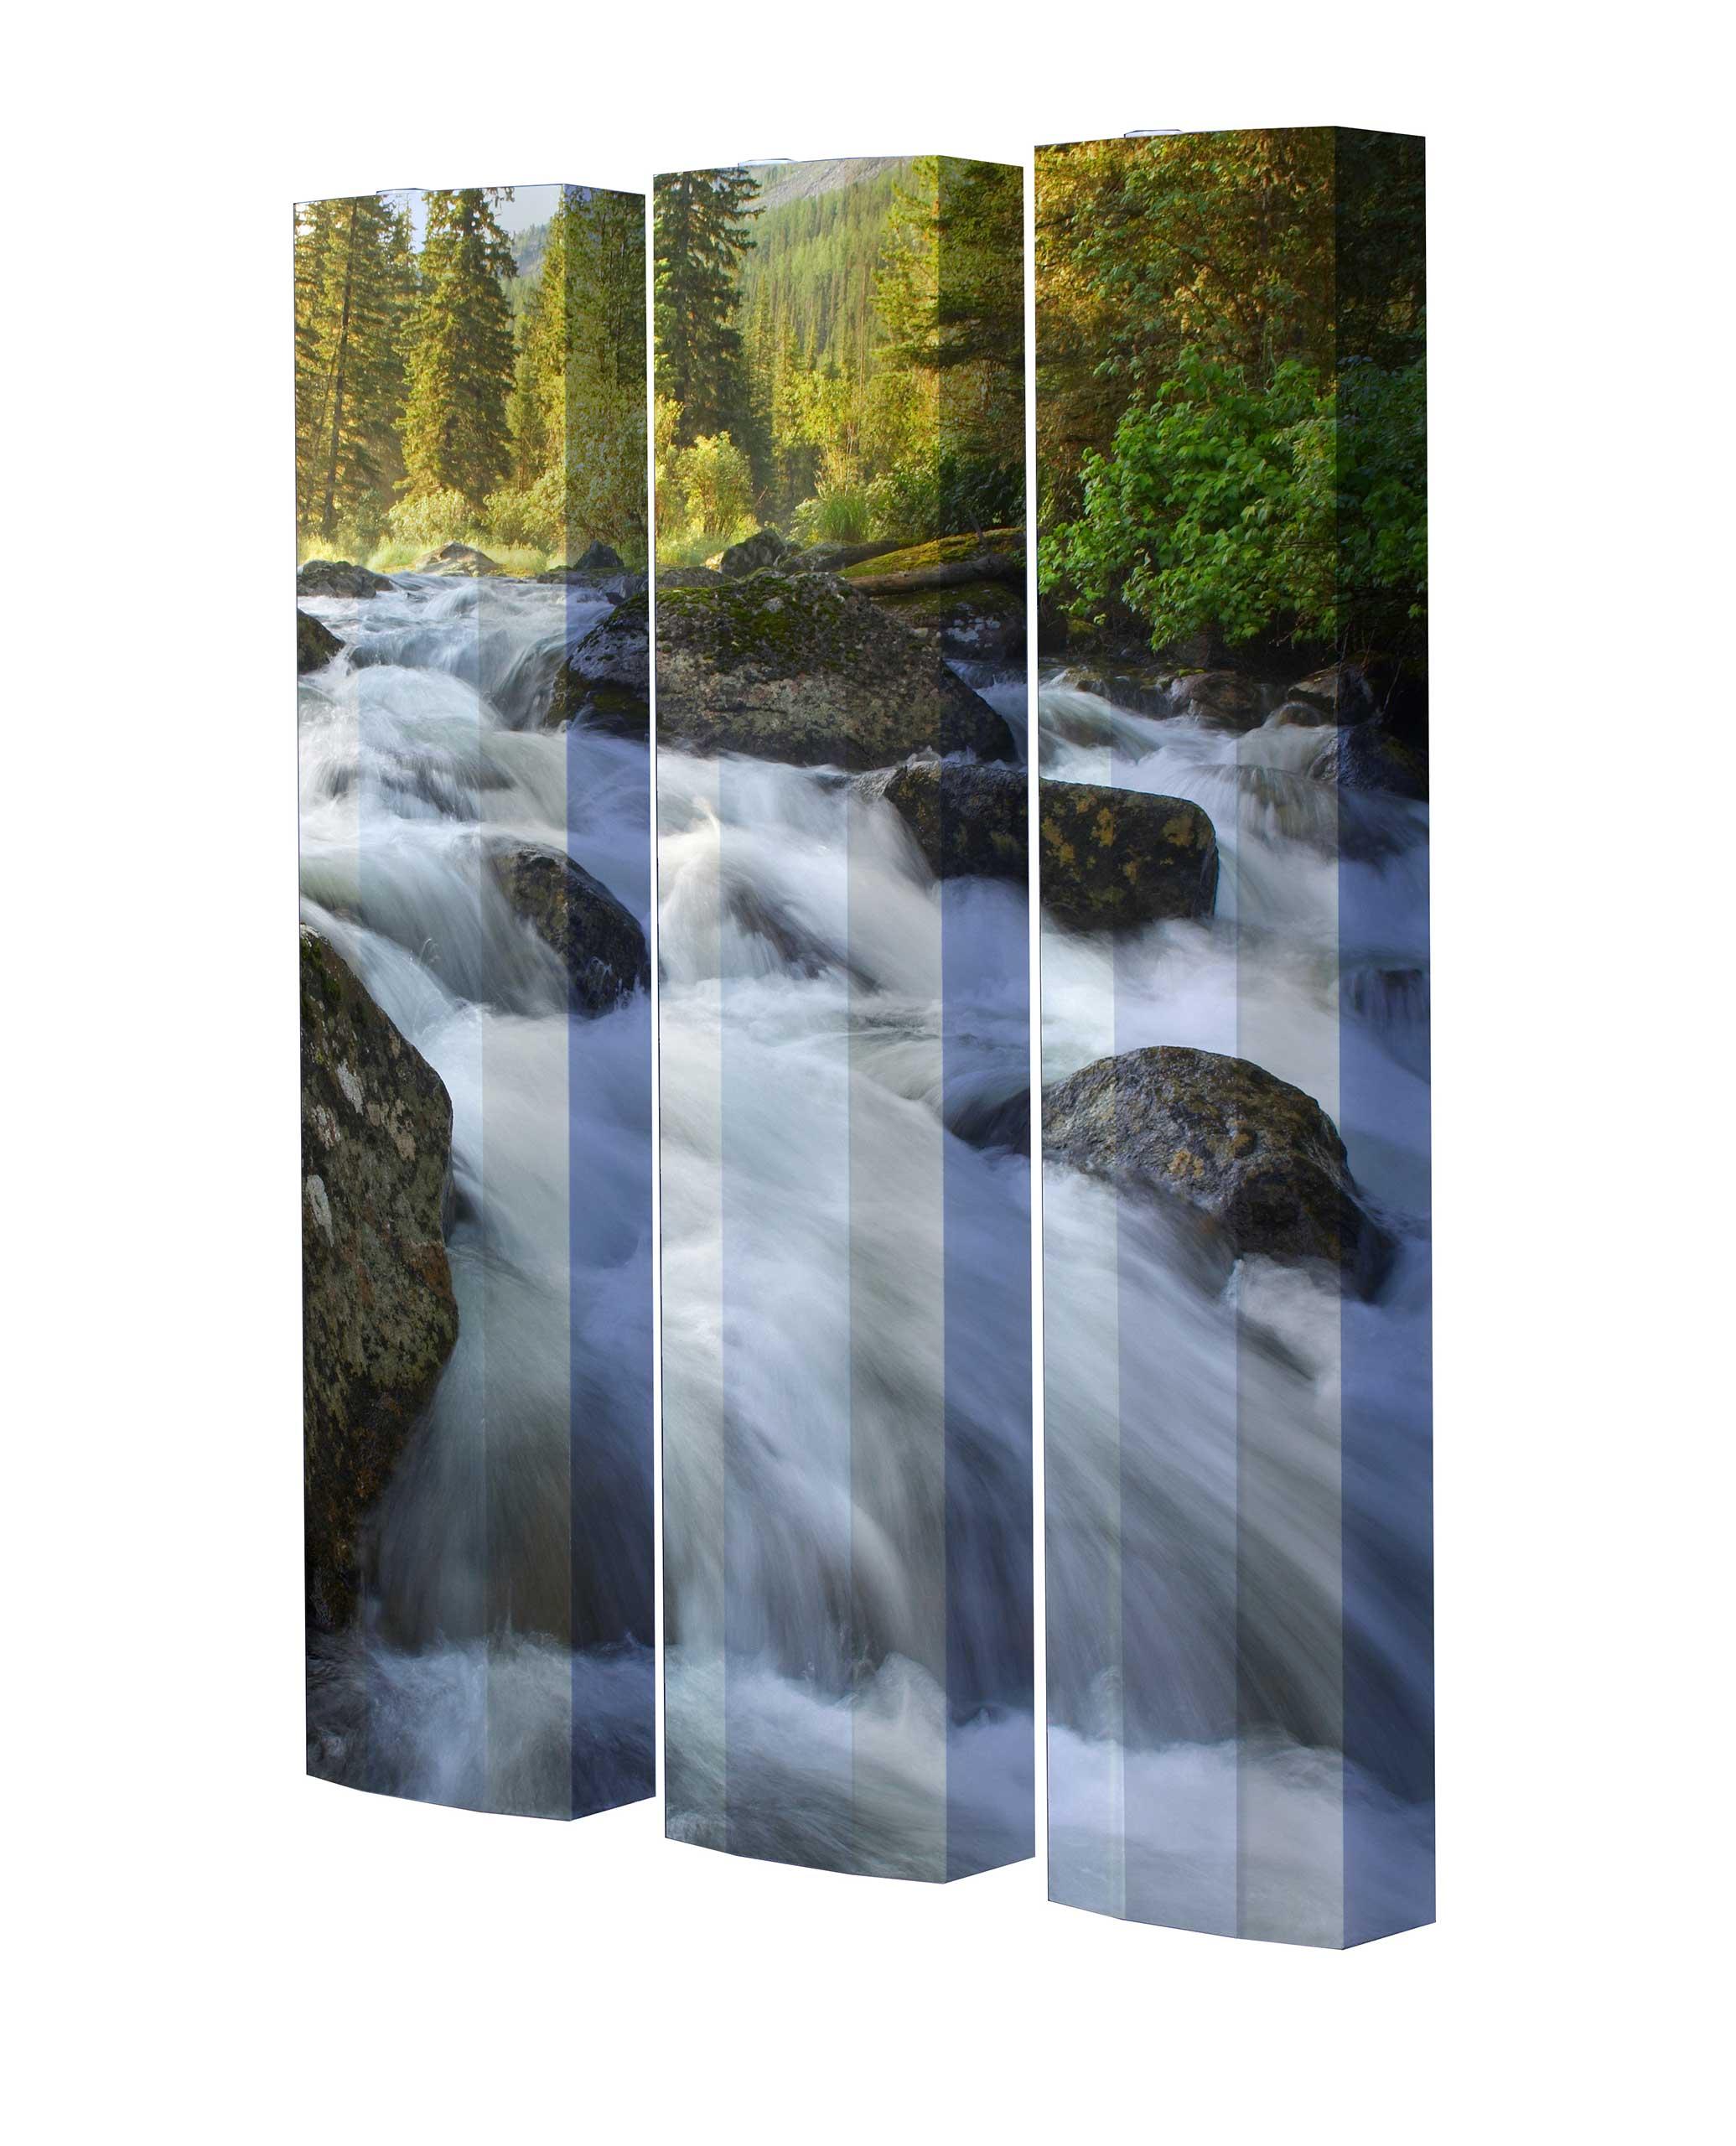 Schuhschrank STORM Motivschrank Trio ST02 Wasserfall weiß 3er Set